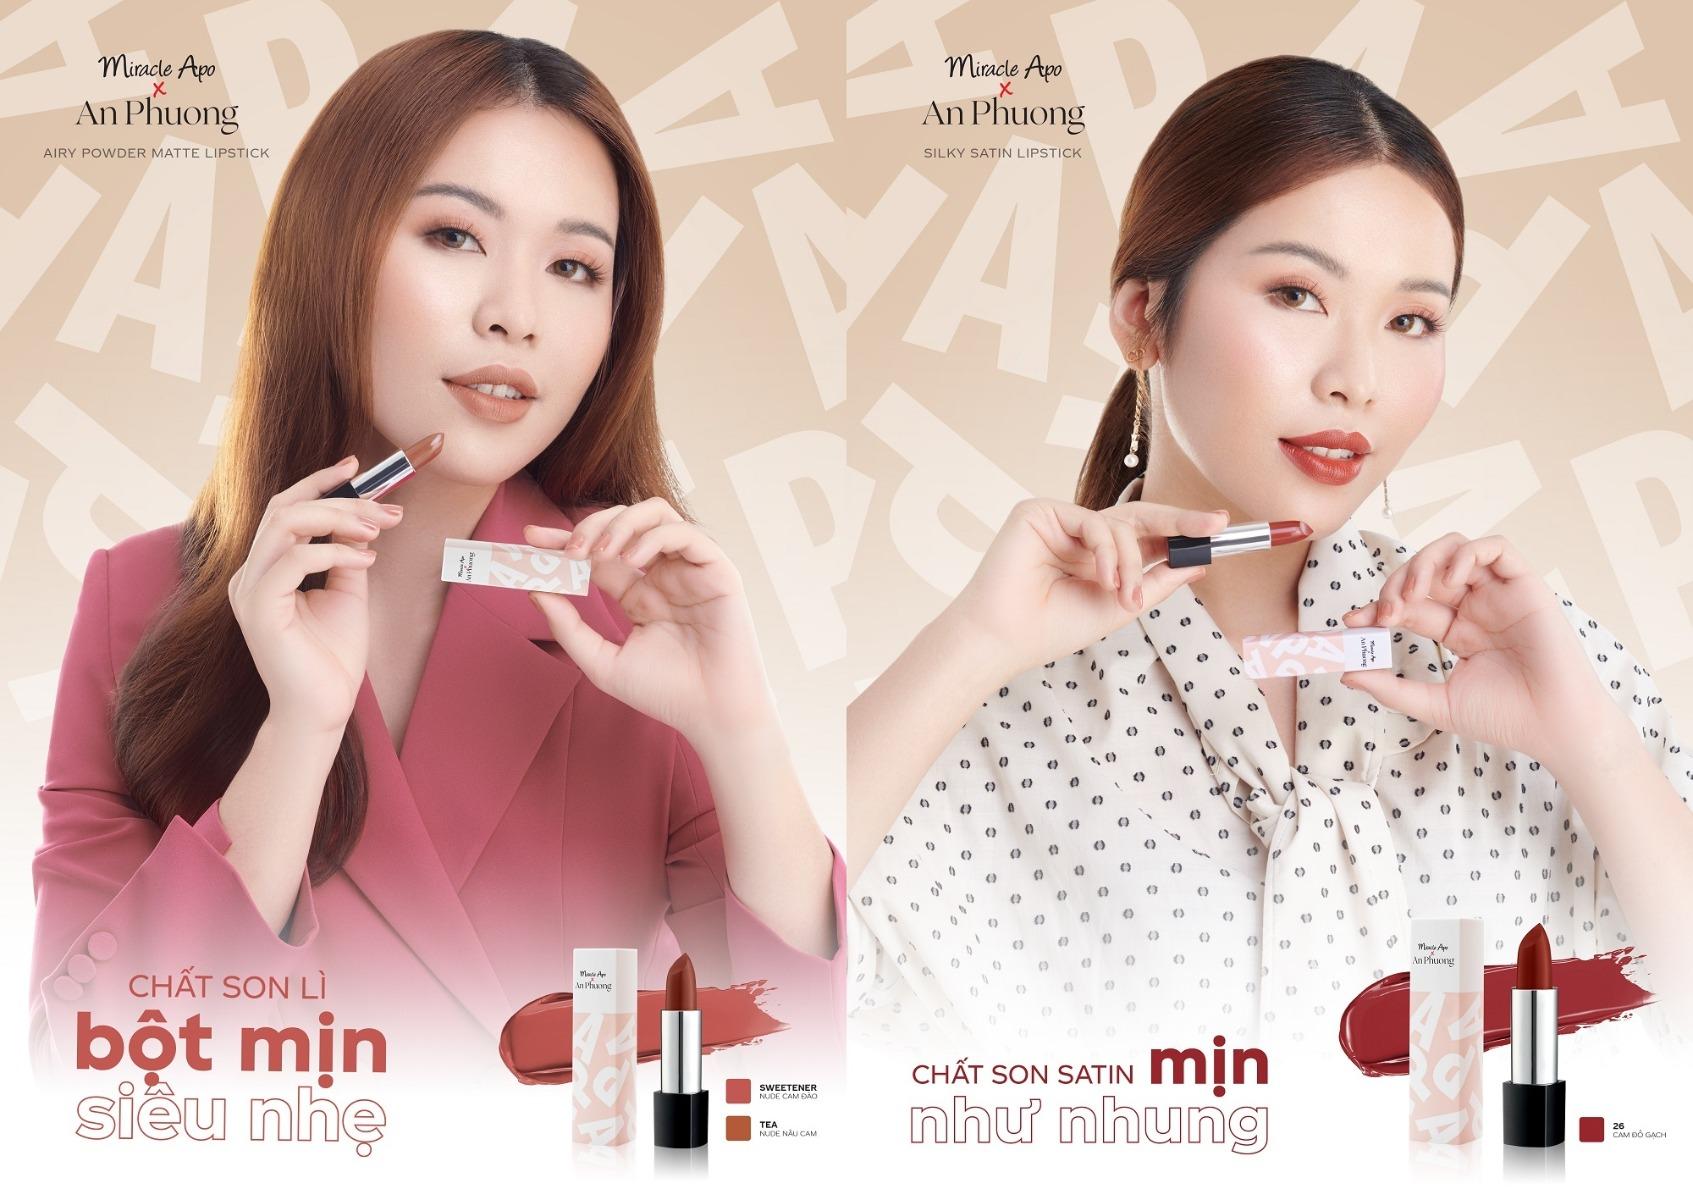 Chất son thời thượng của Son Thỏi Miracle Apo x An Phương Holiday Collection Lipstick